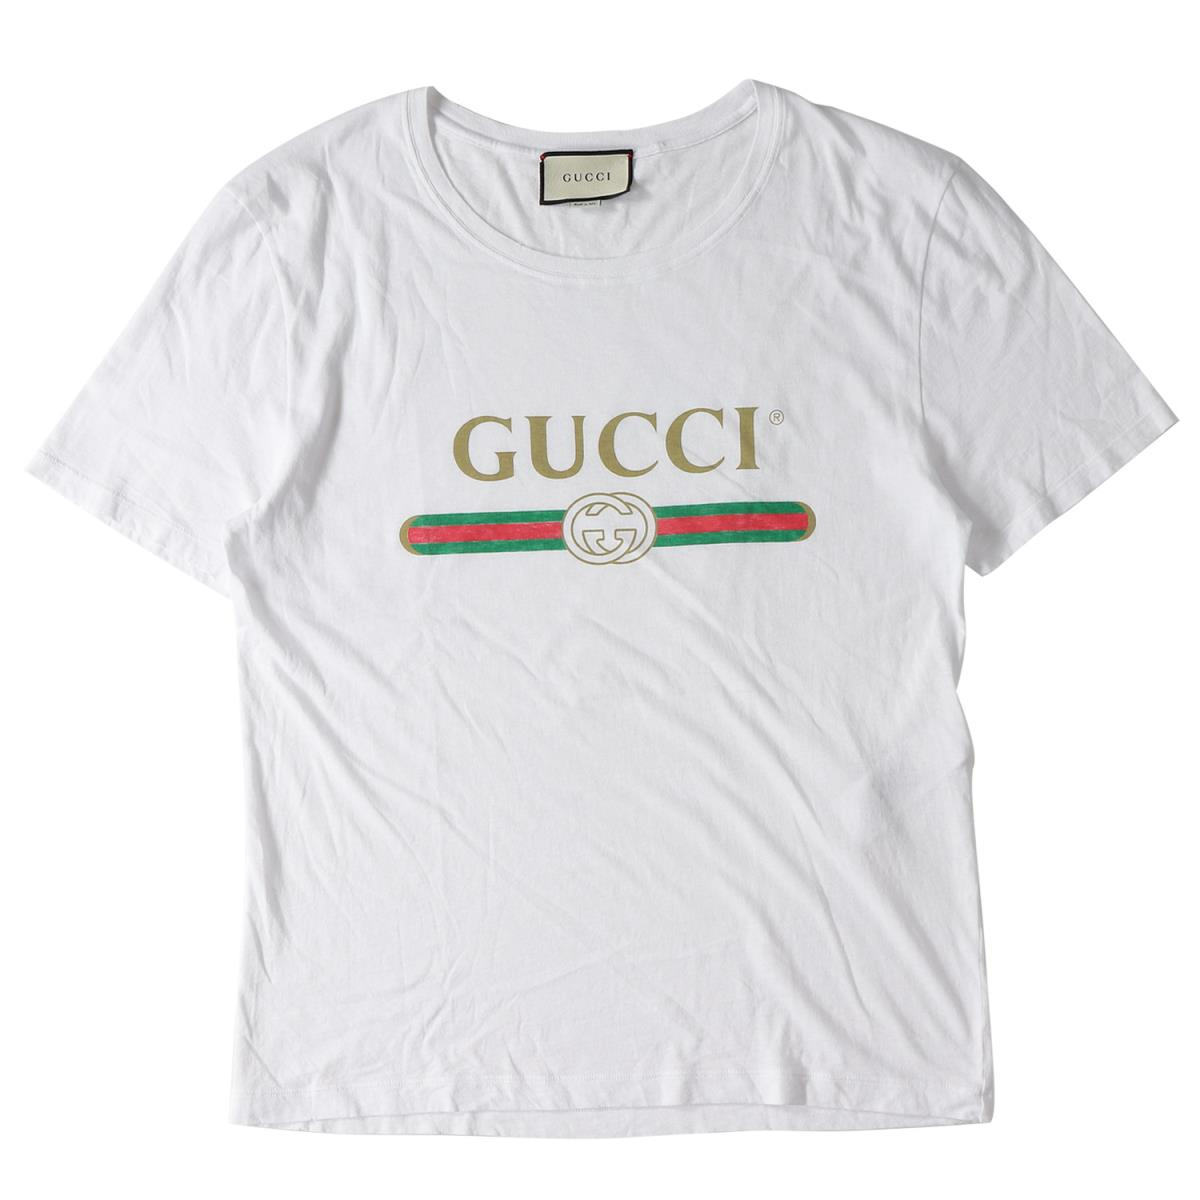 GUCCI (グッチ) 17S/S ダメージ加工クラシックブランドロゴTシャツ ホワイト L 【メンズ】【美品】【K2058】【中古】【あす楽☆対応可】